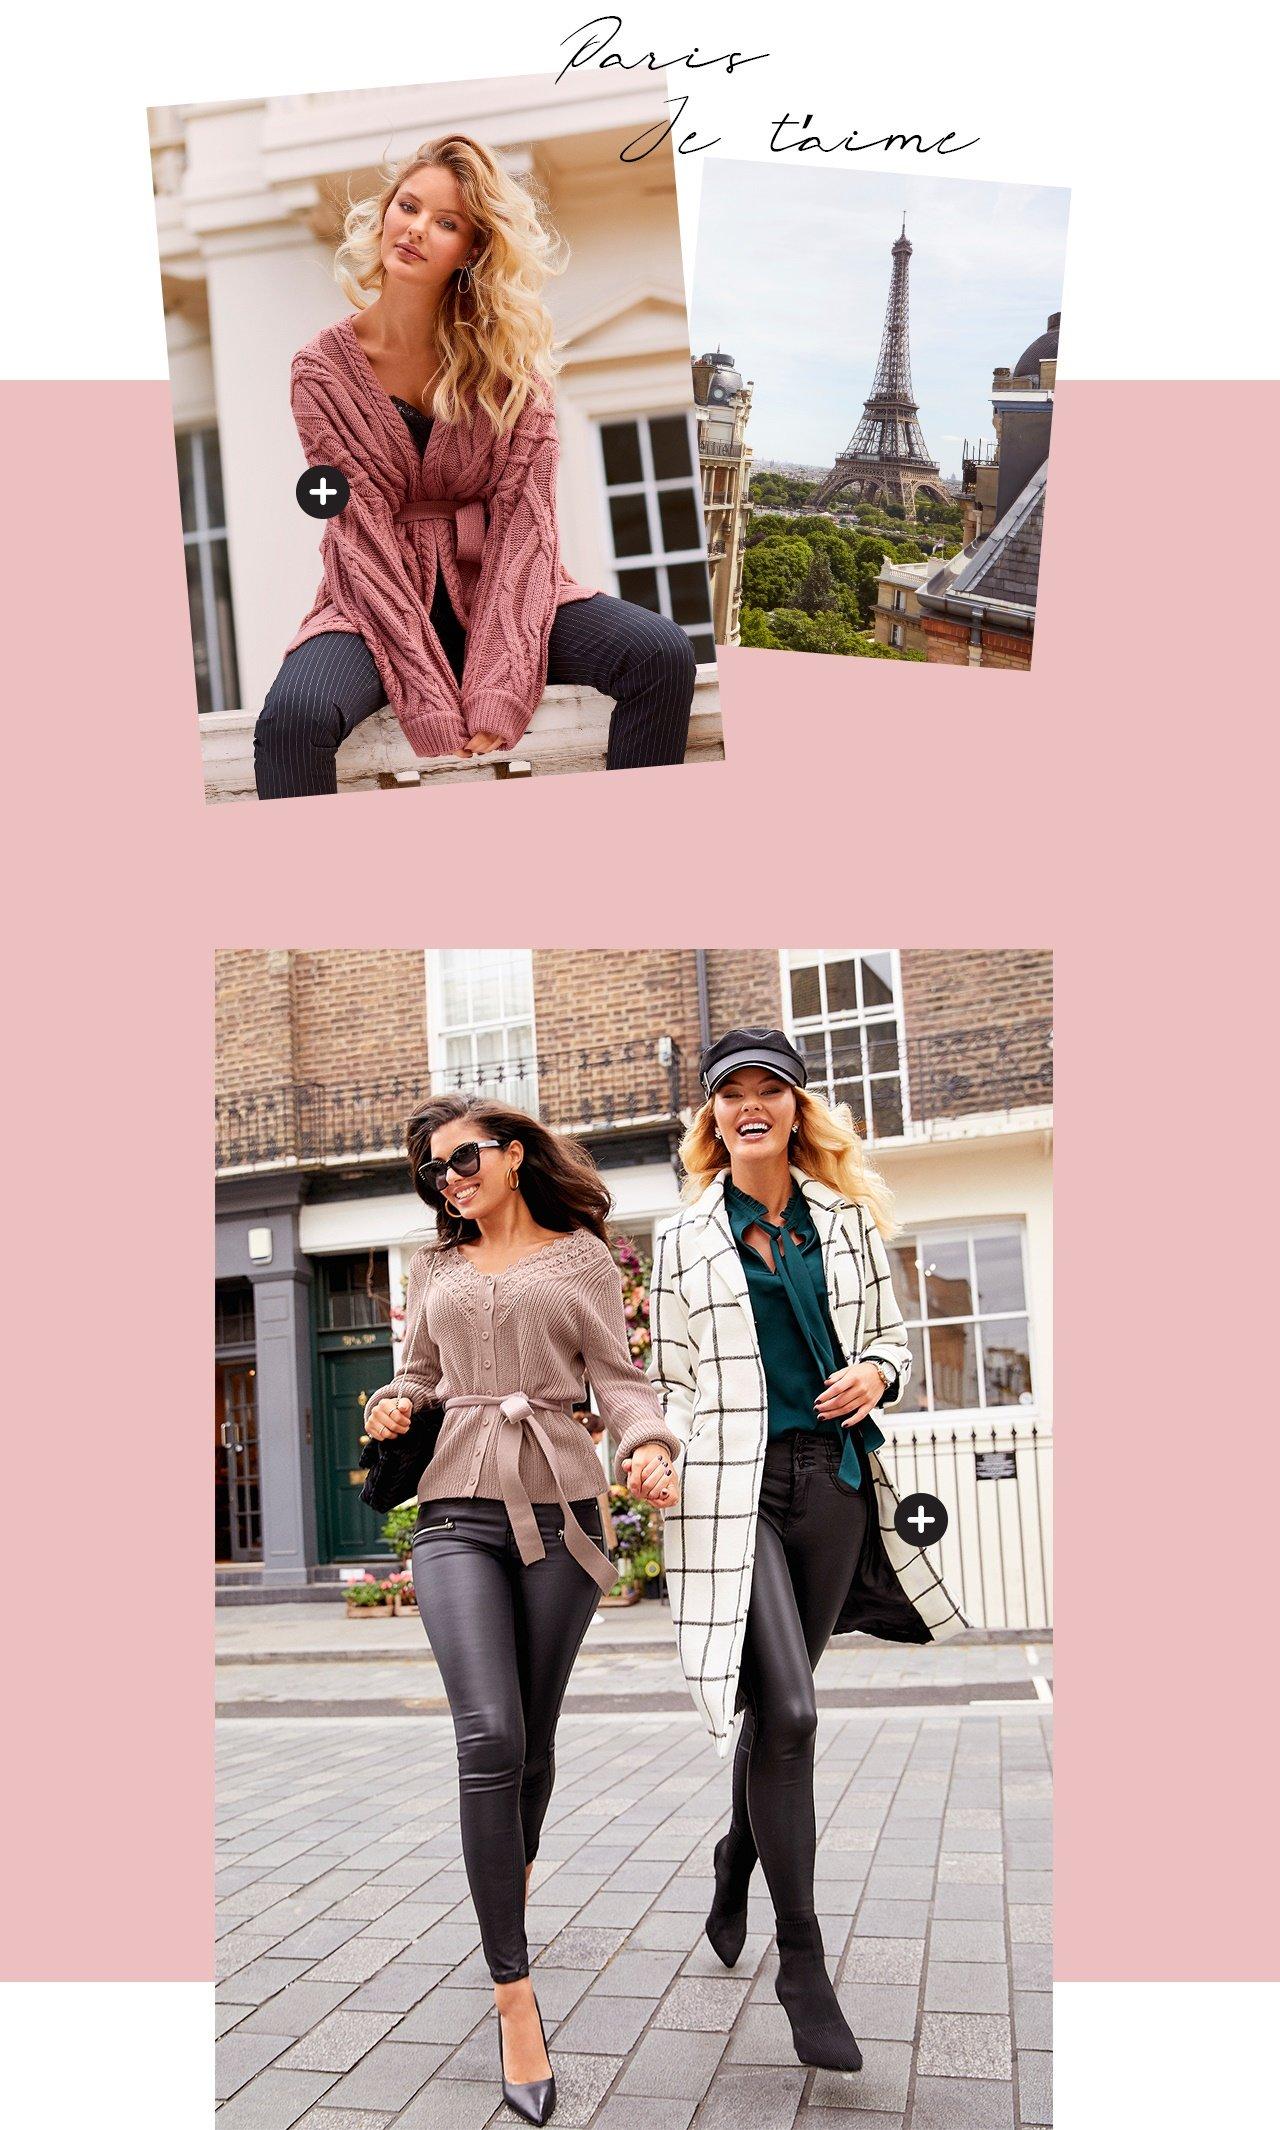 Her er efterårets mode must haves, der skaber det perfekte look til en glamourøs French Girl